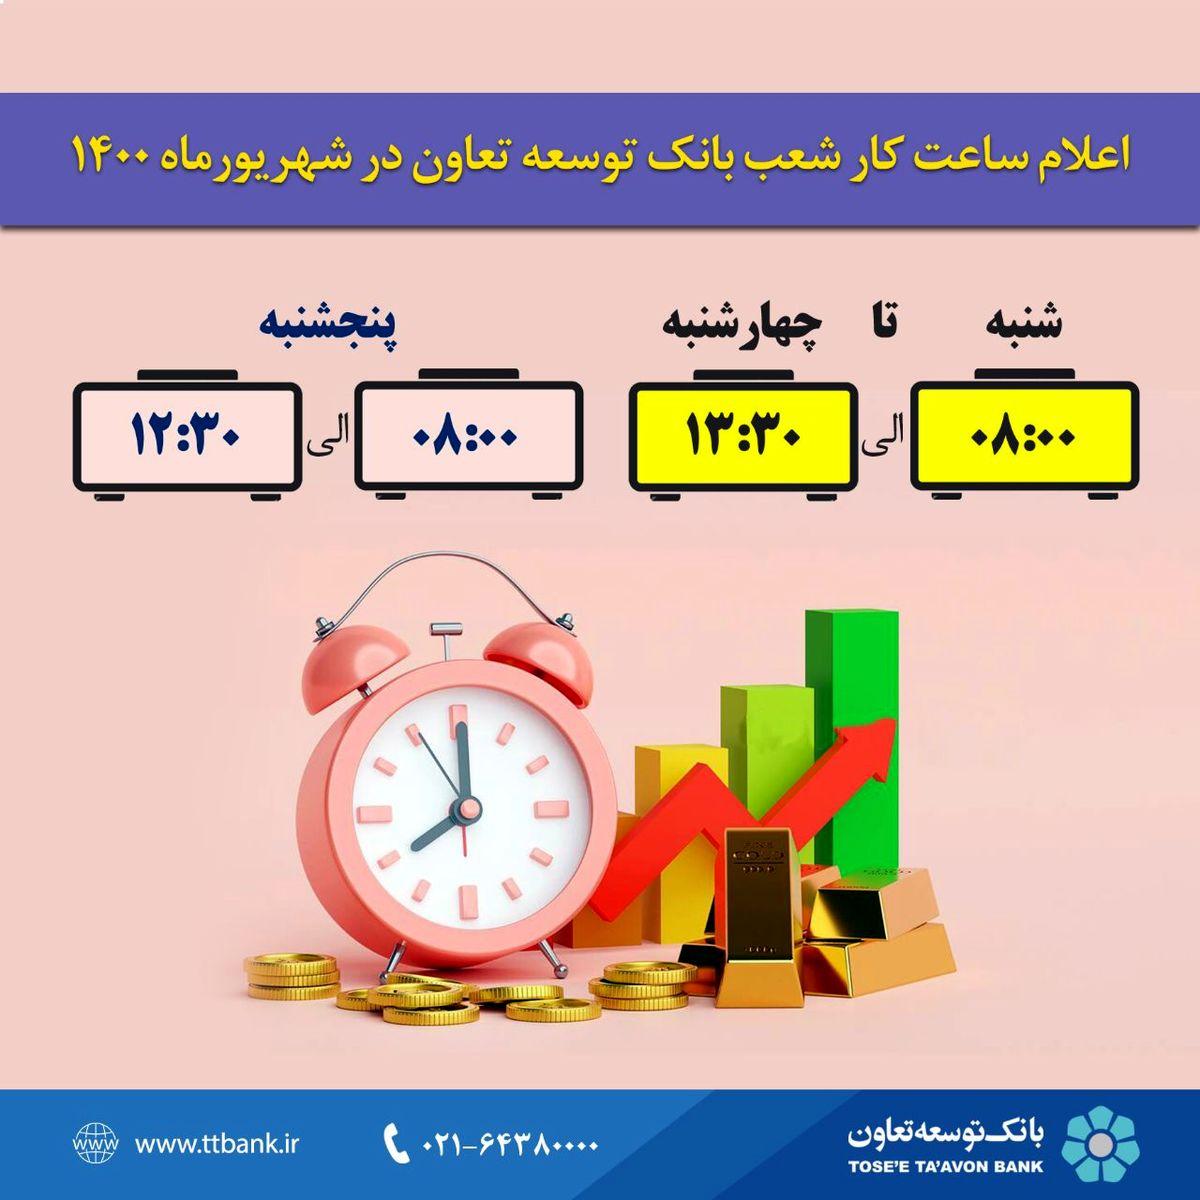 ساعت فعالیت شعب بانک توسعه تعاون از شهریور ۱۴۰۰ اعلام شد